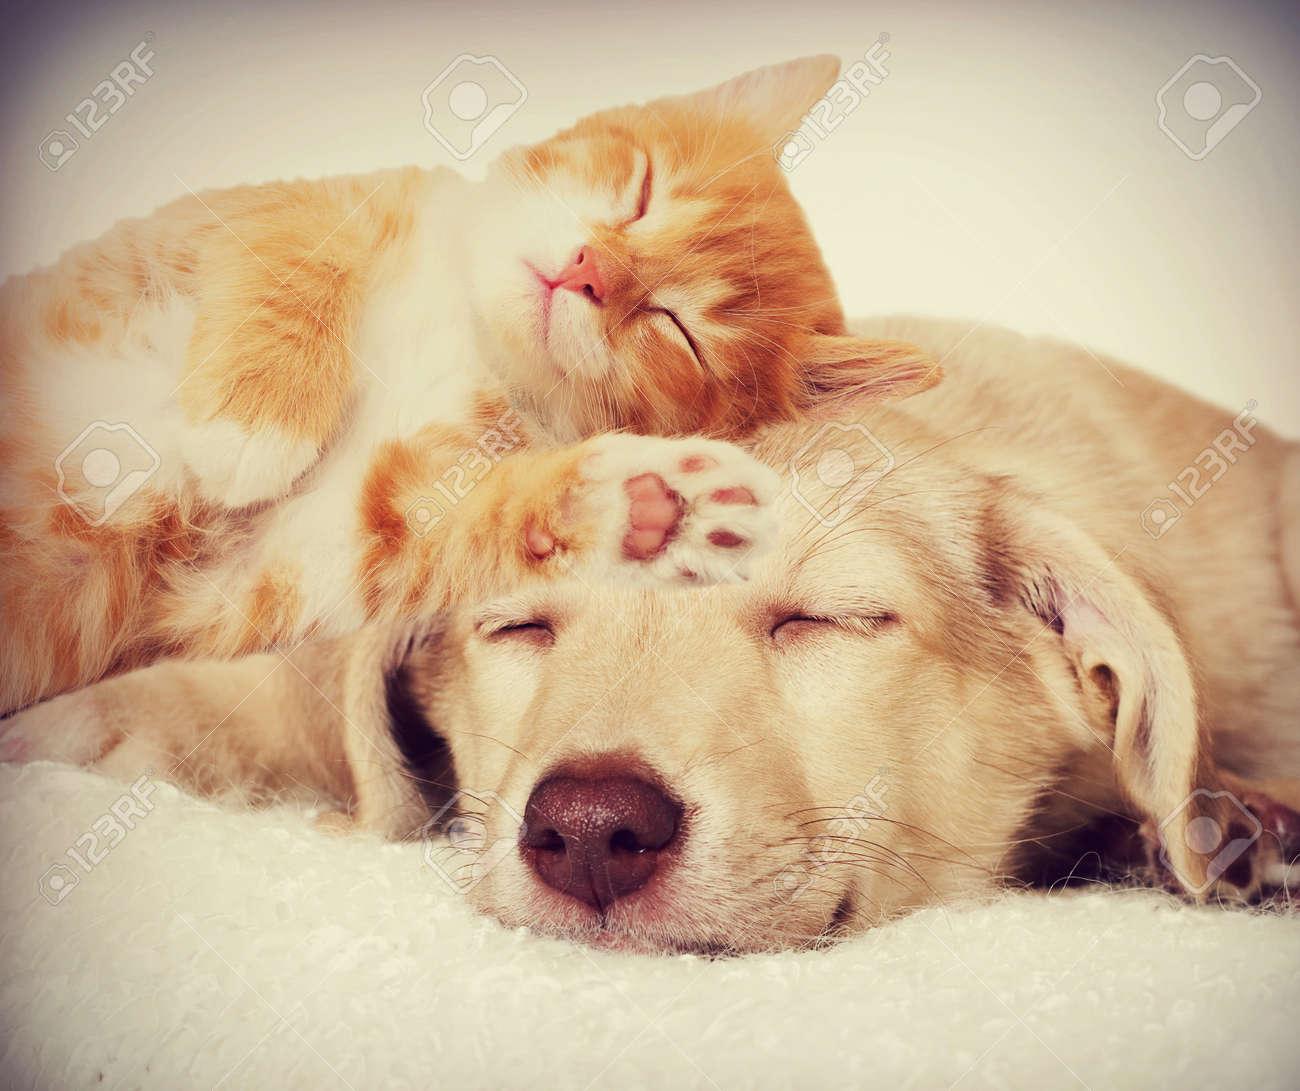 kitten and puppy sleeping - 50880334